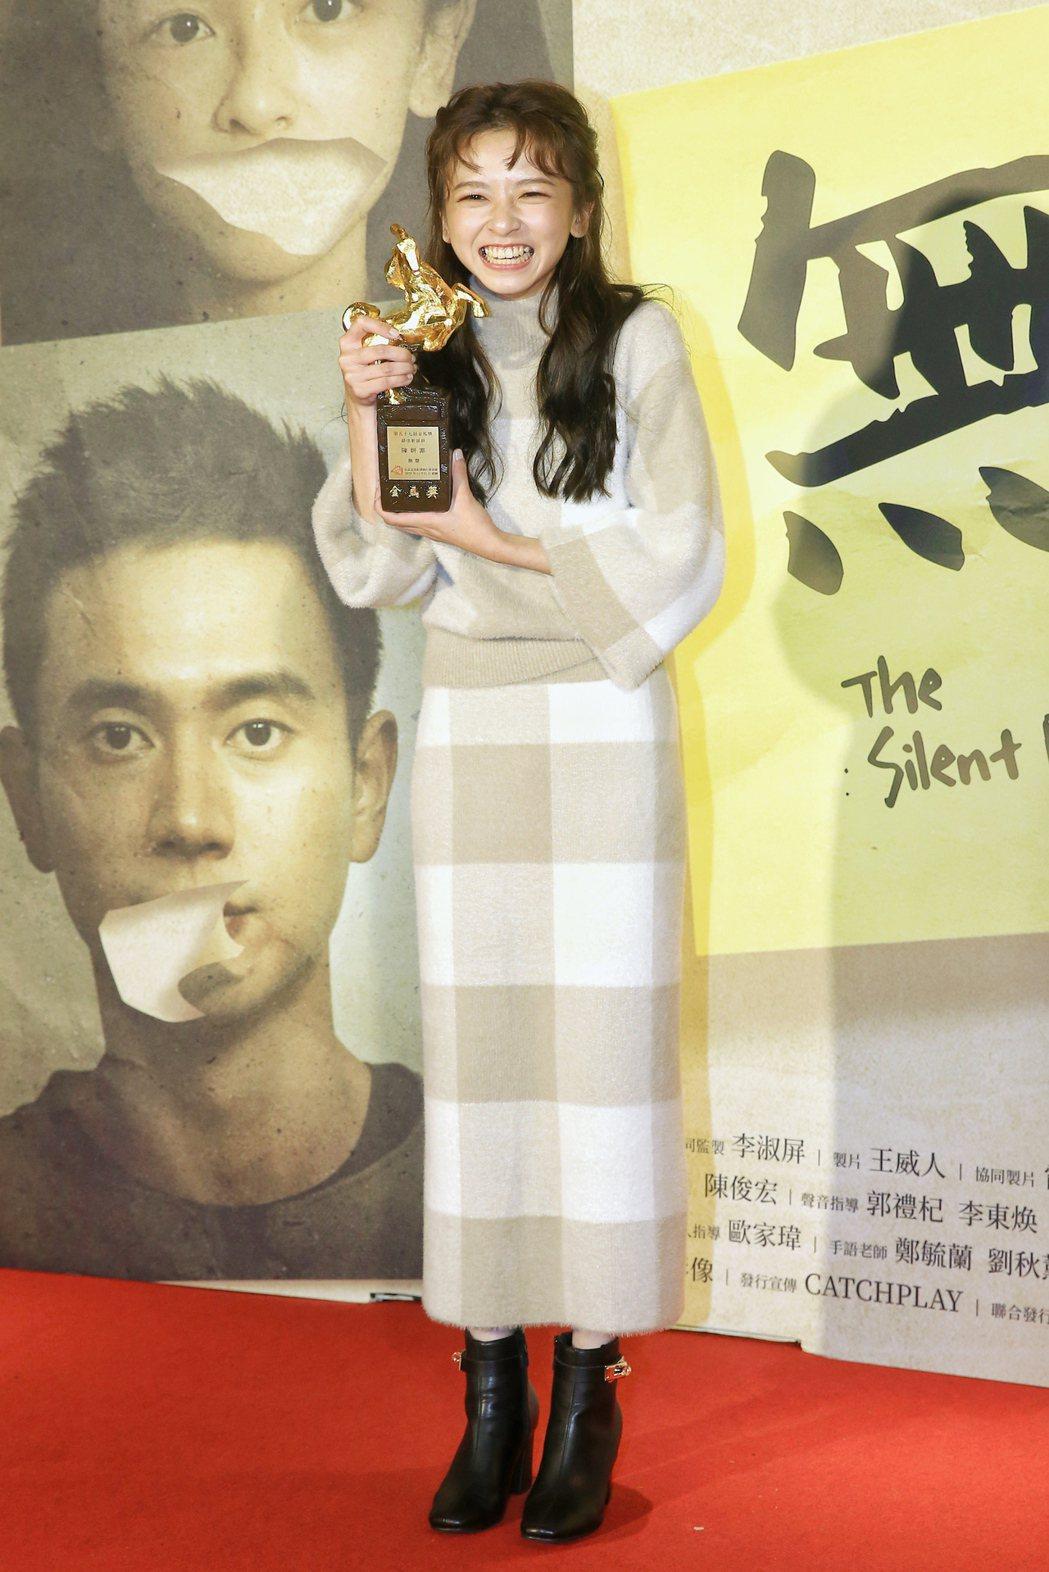 《無聲》劇組在金馬頒獎典禮結束後,最佳新演員陳姸霏出席慶功宴。記者林伯東/攝影